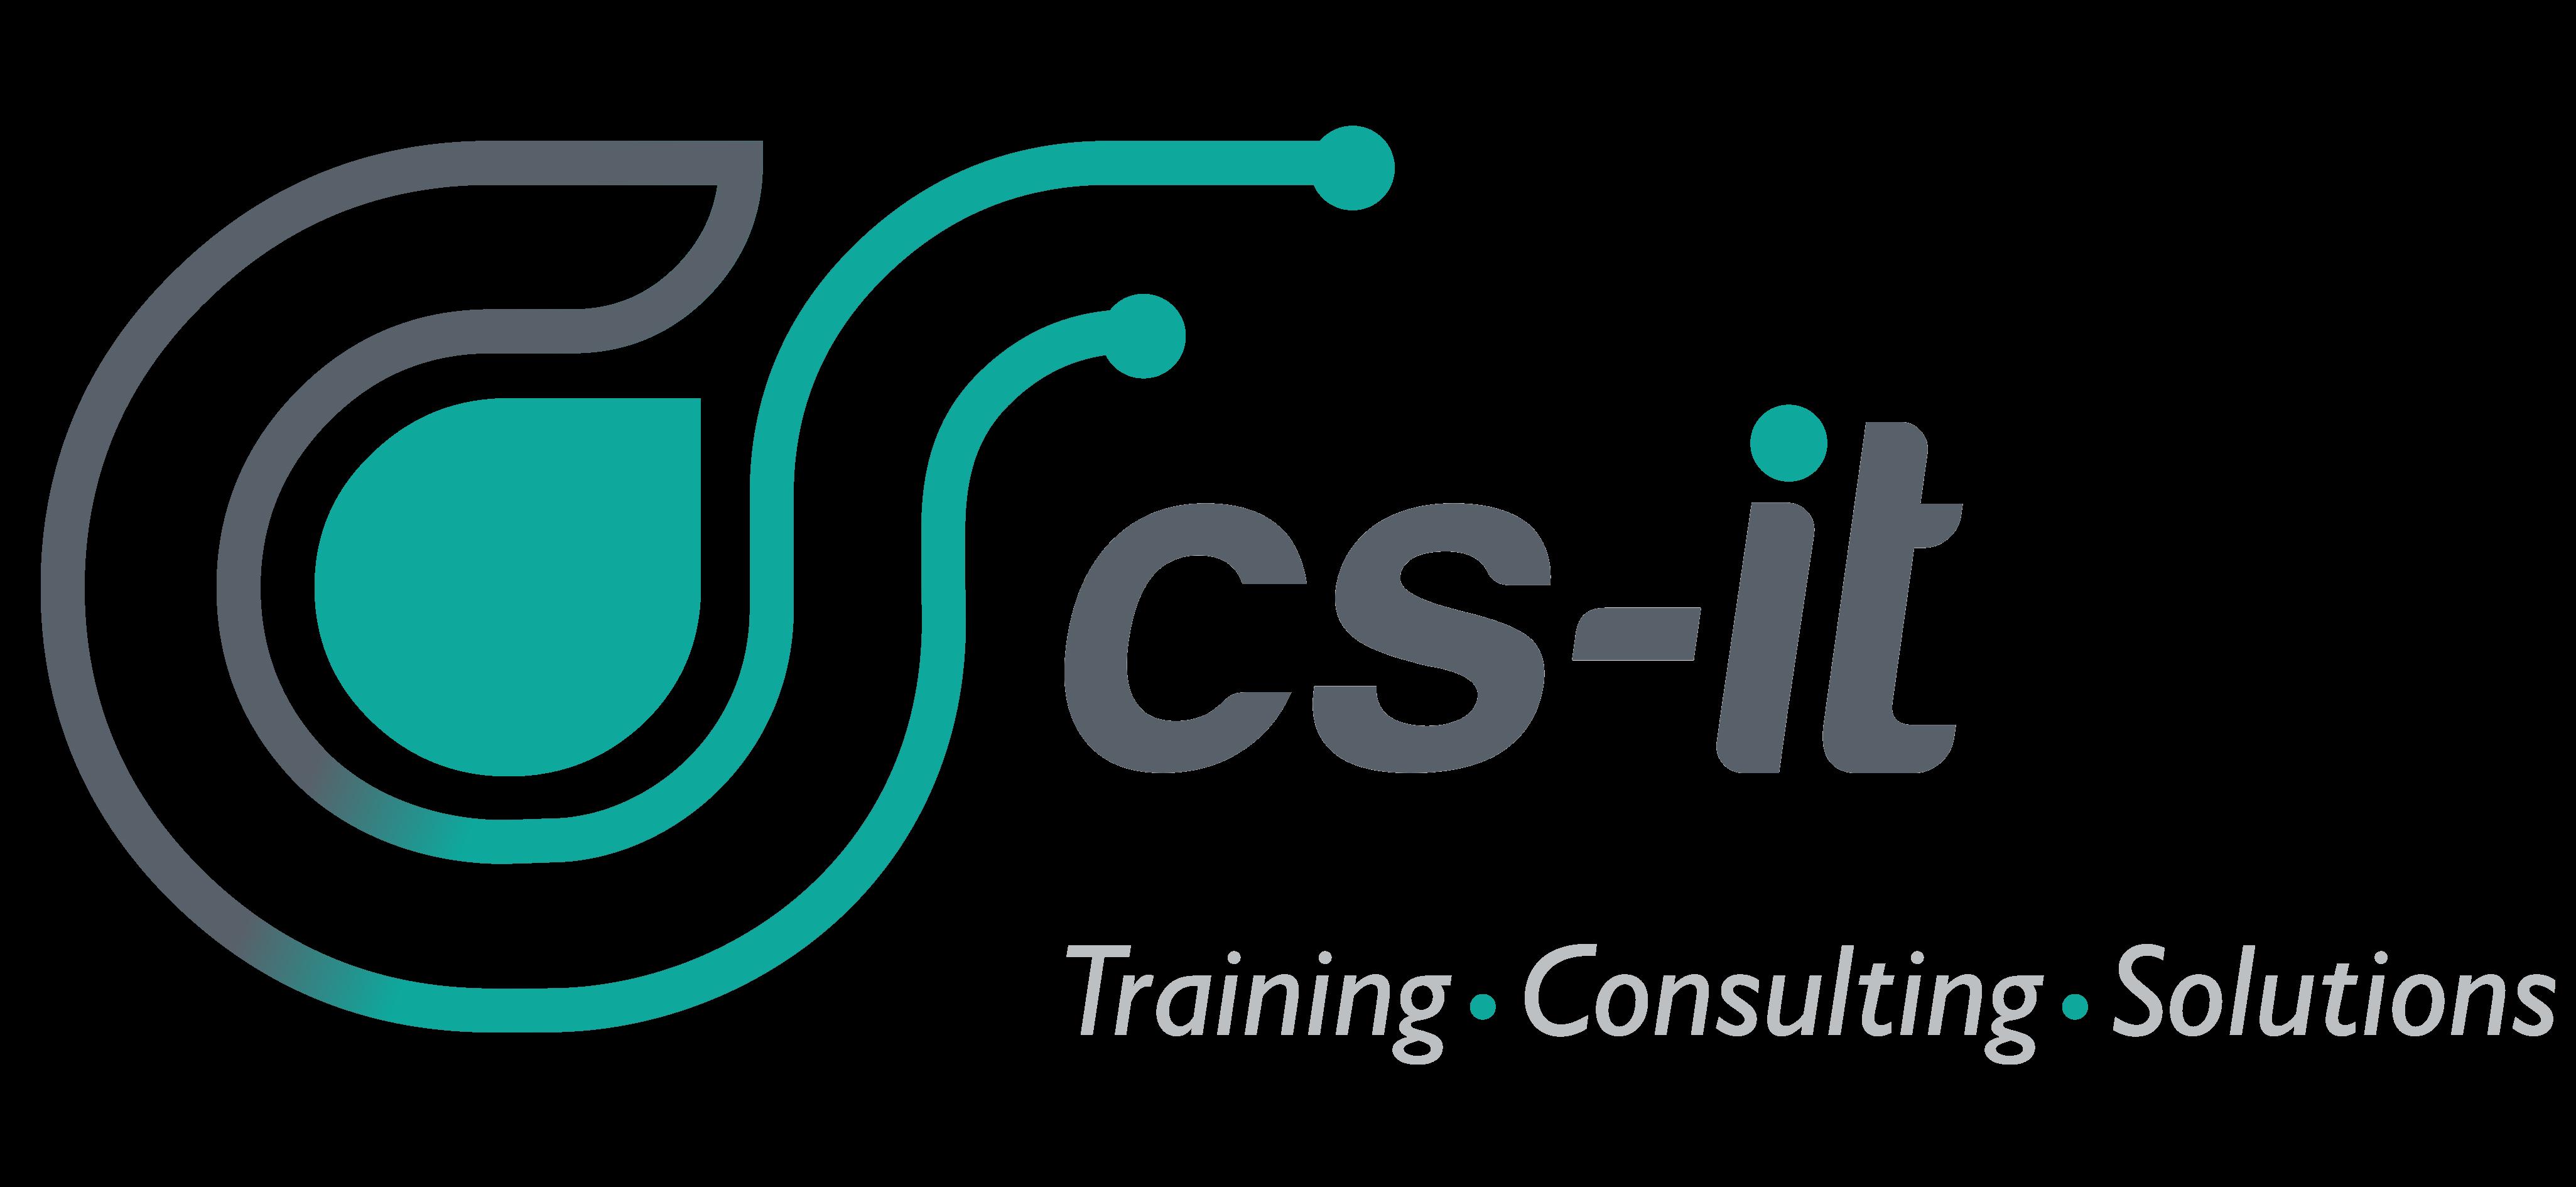 CS-IT